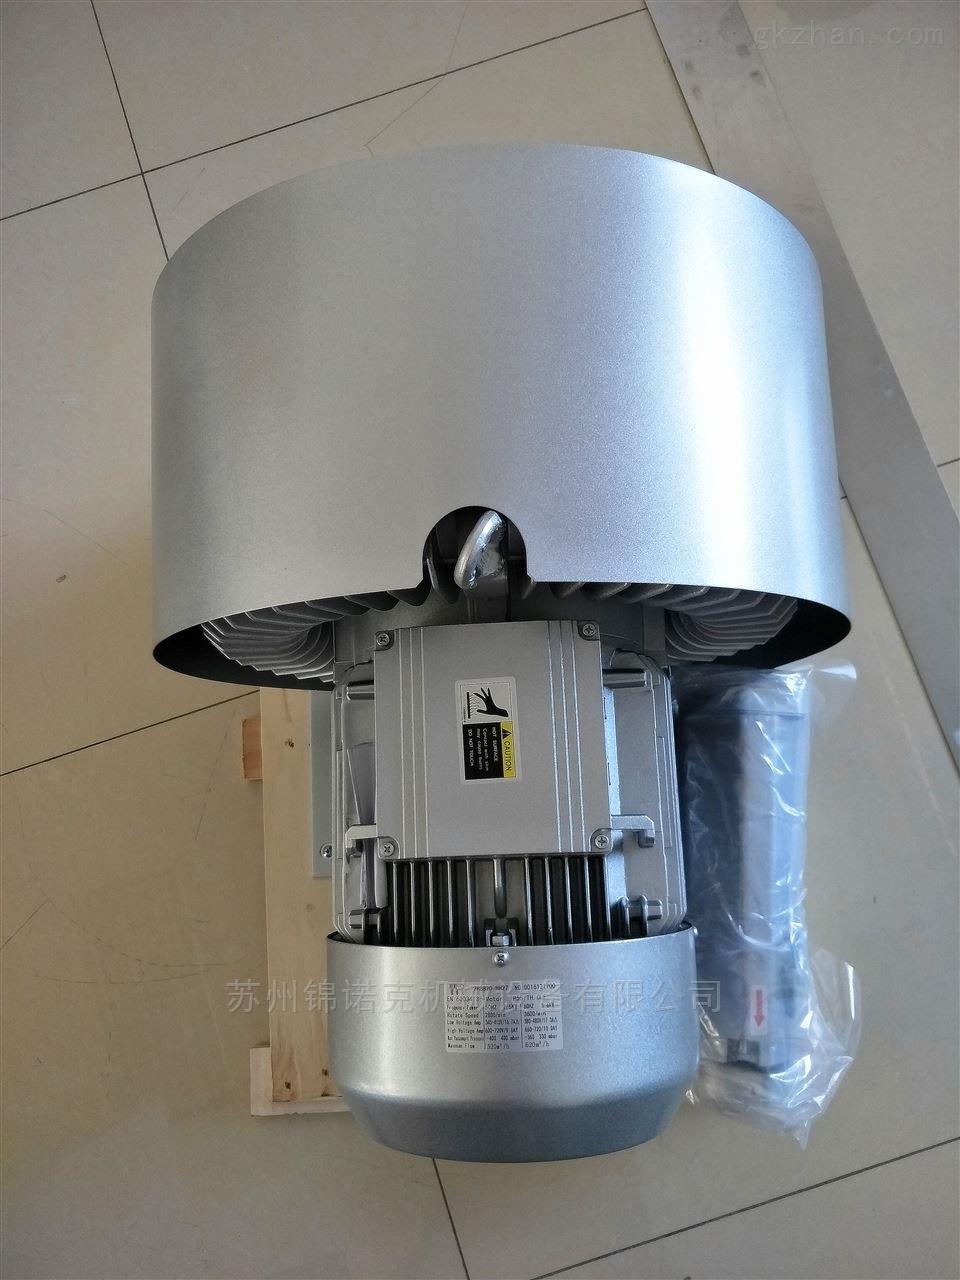 7.5kw涡轮式风机高压风机厂家现货直销